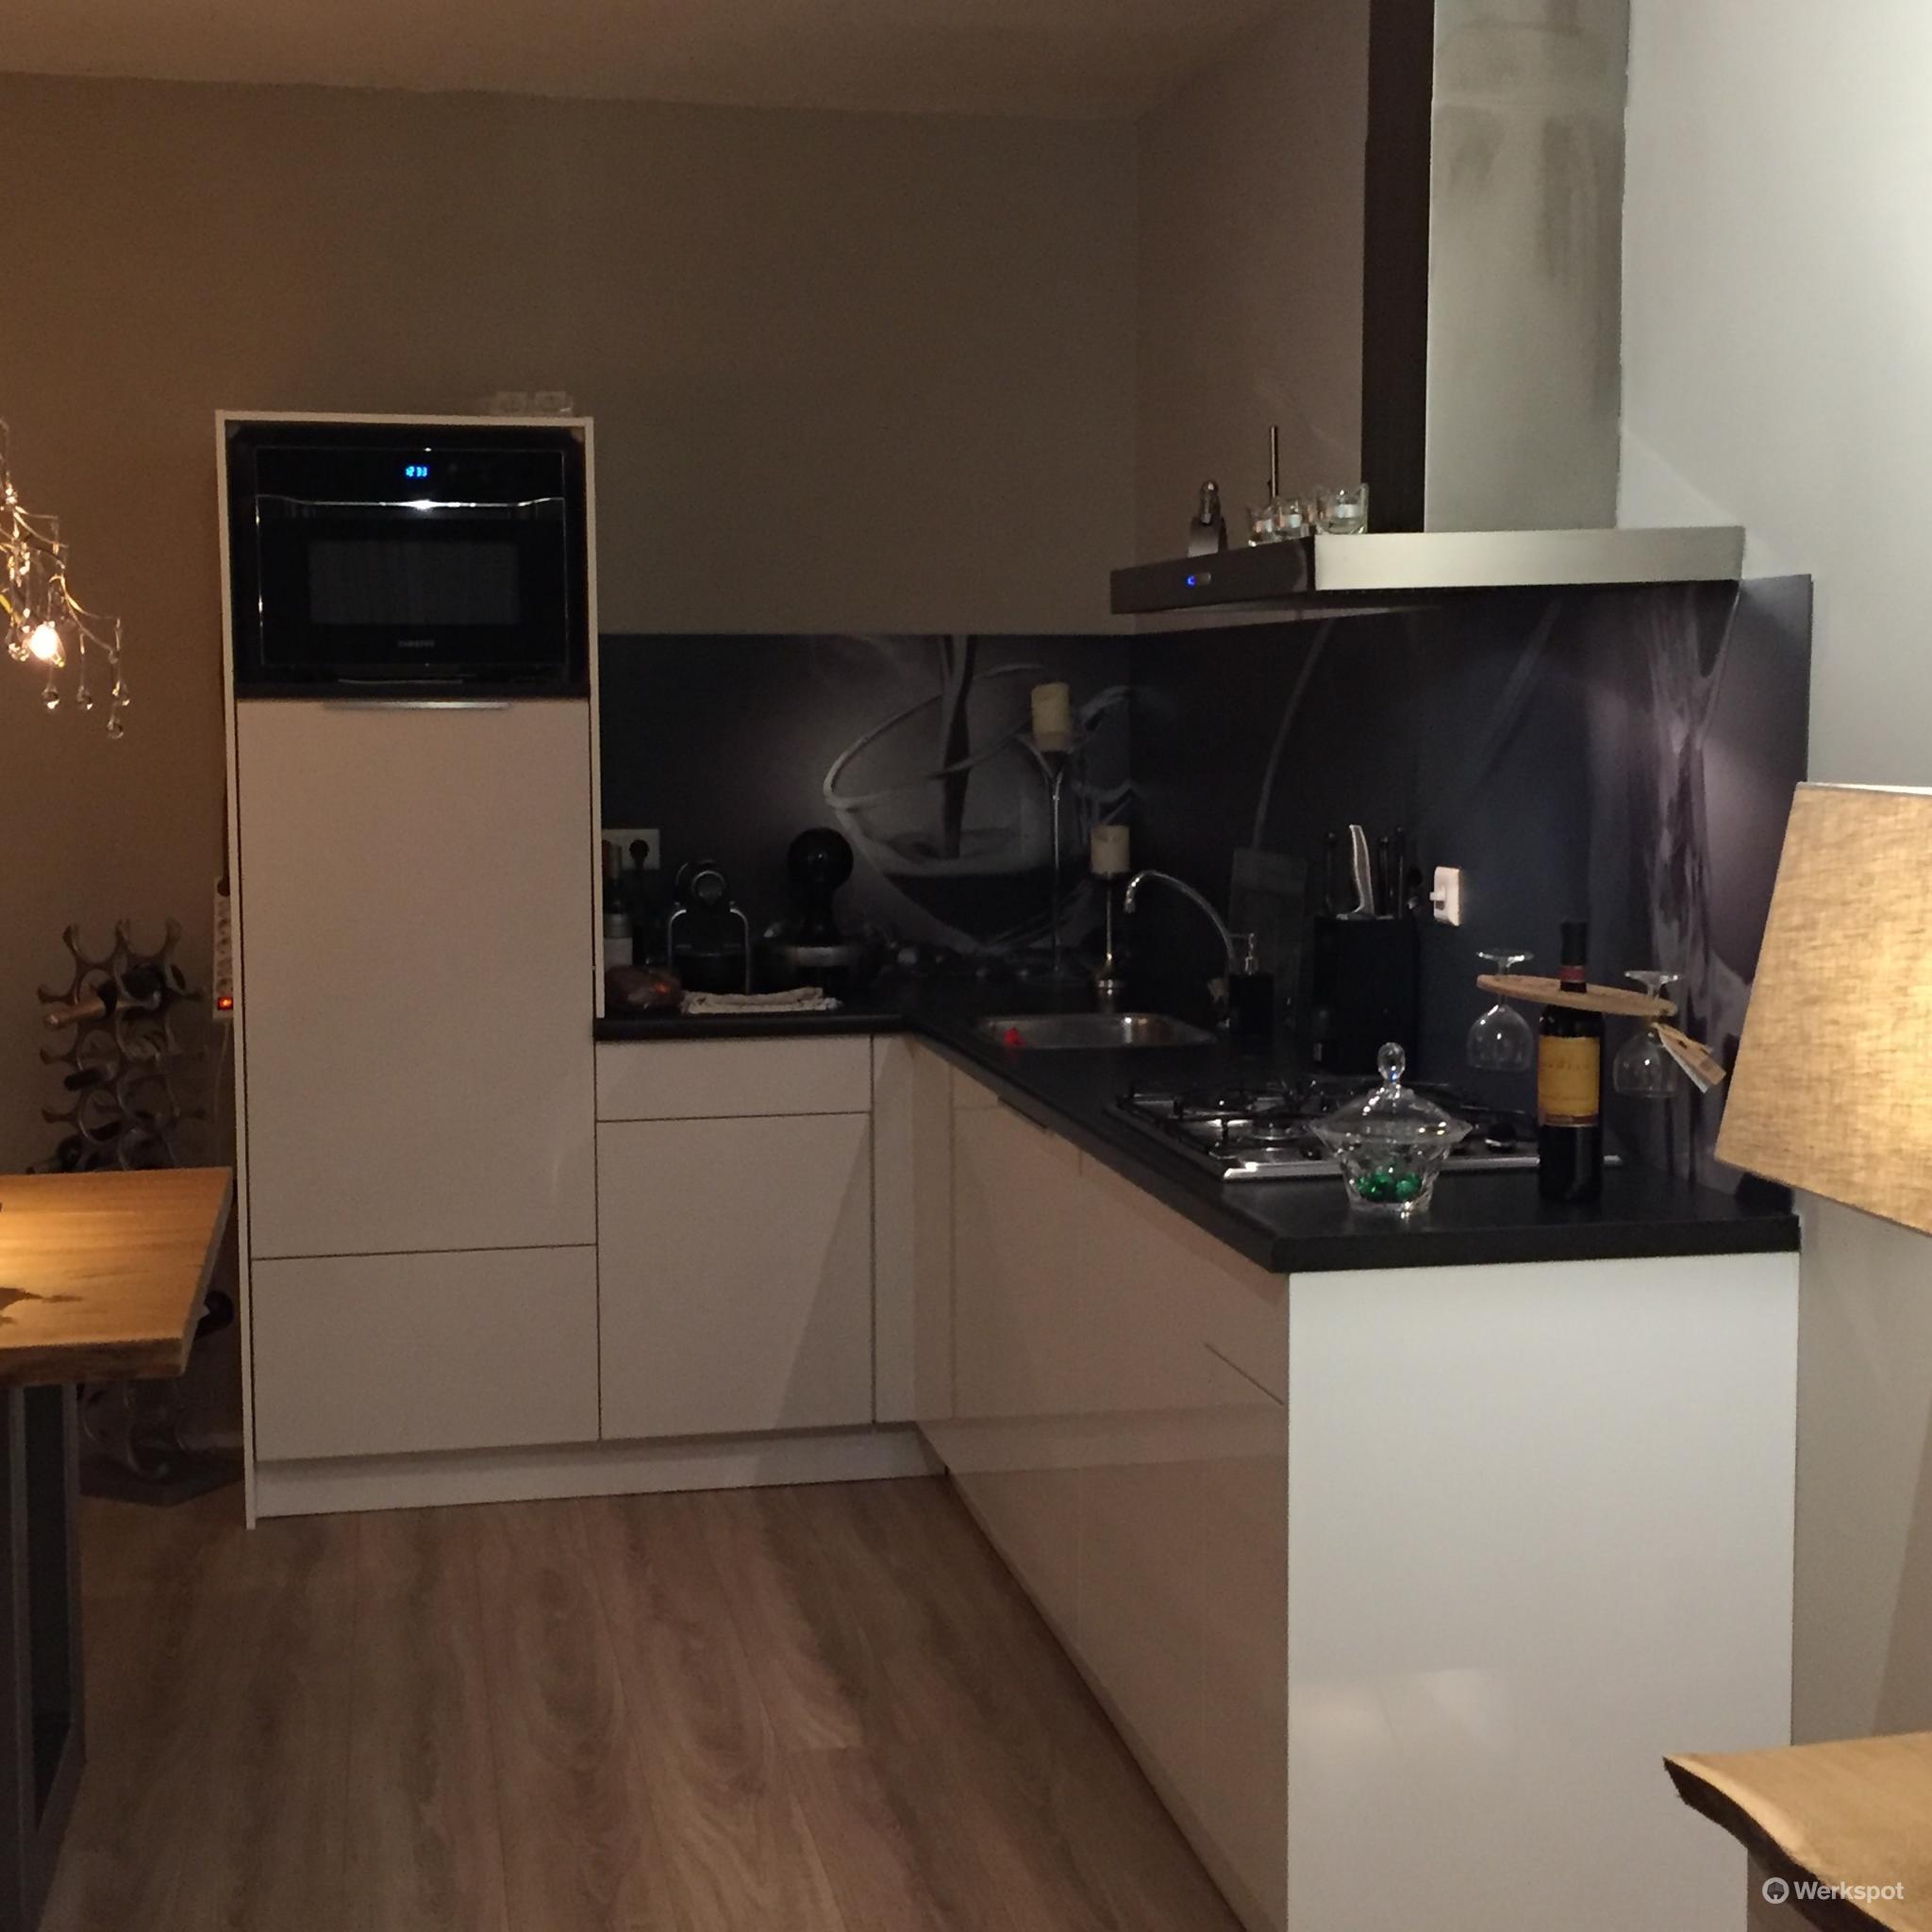 Nieuwe Frontjes Bruynzeel Keuken.In Bestaande Keuken Deurtjes Vervangen Door Nieuw Gekochte Deurtjes